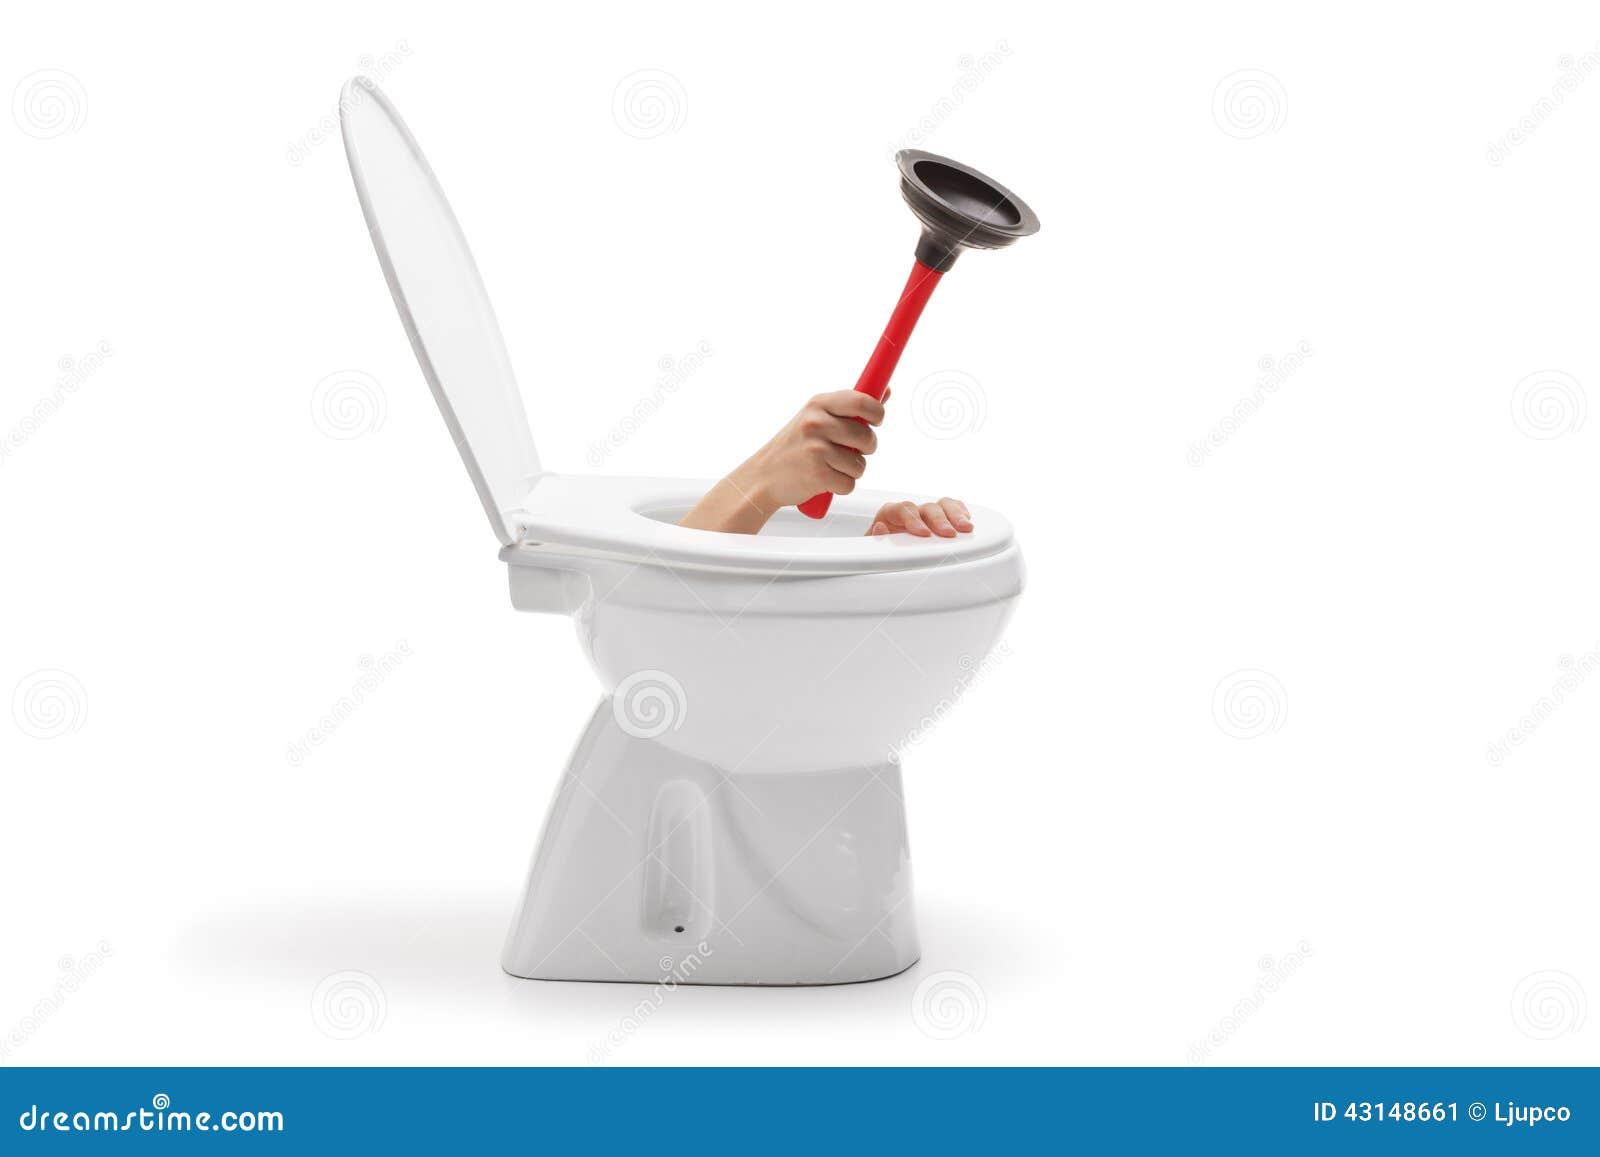 Mão com um copo de borracha da sução que sai da bacia de toalete